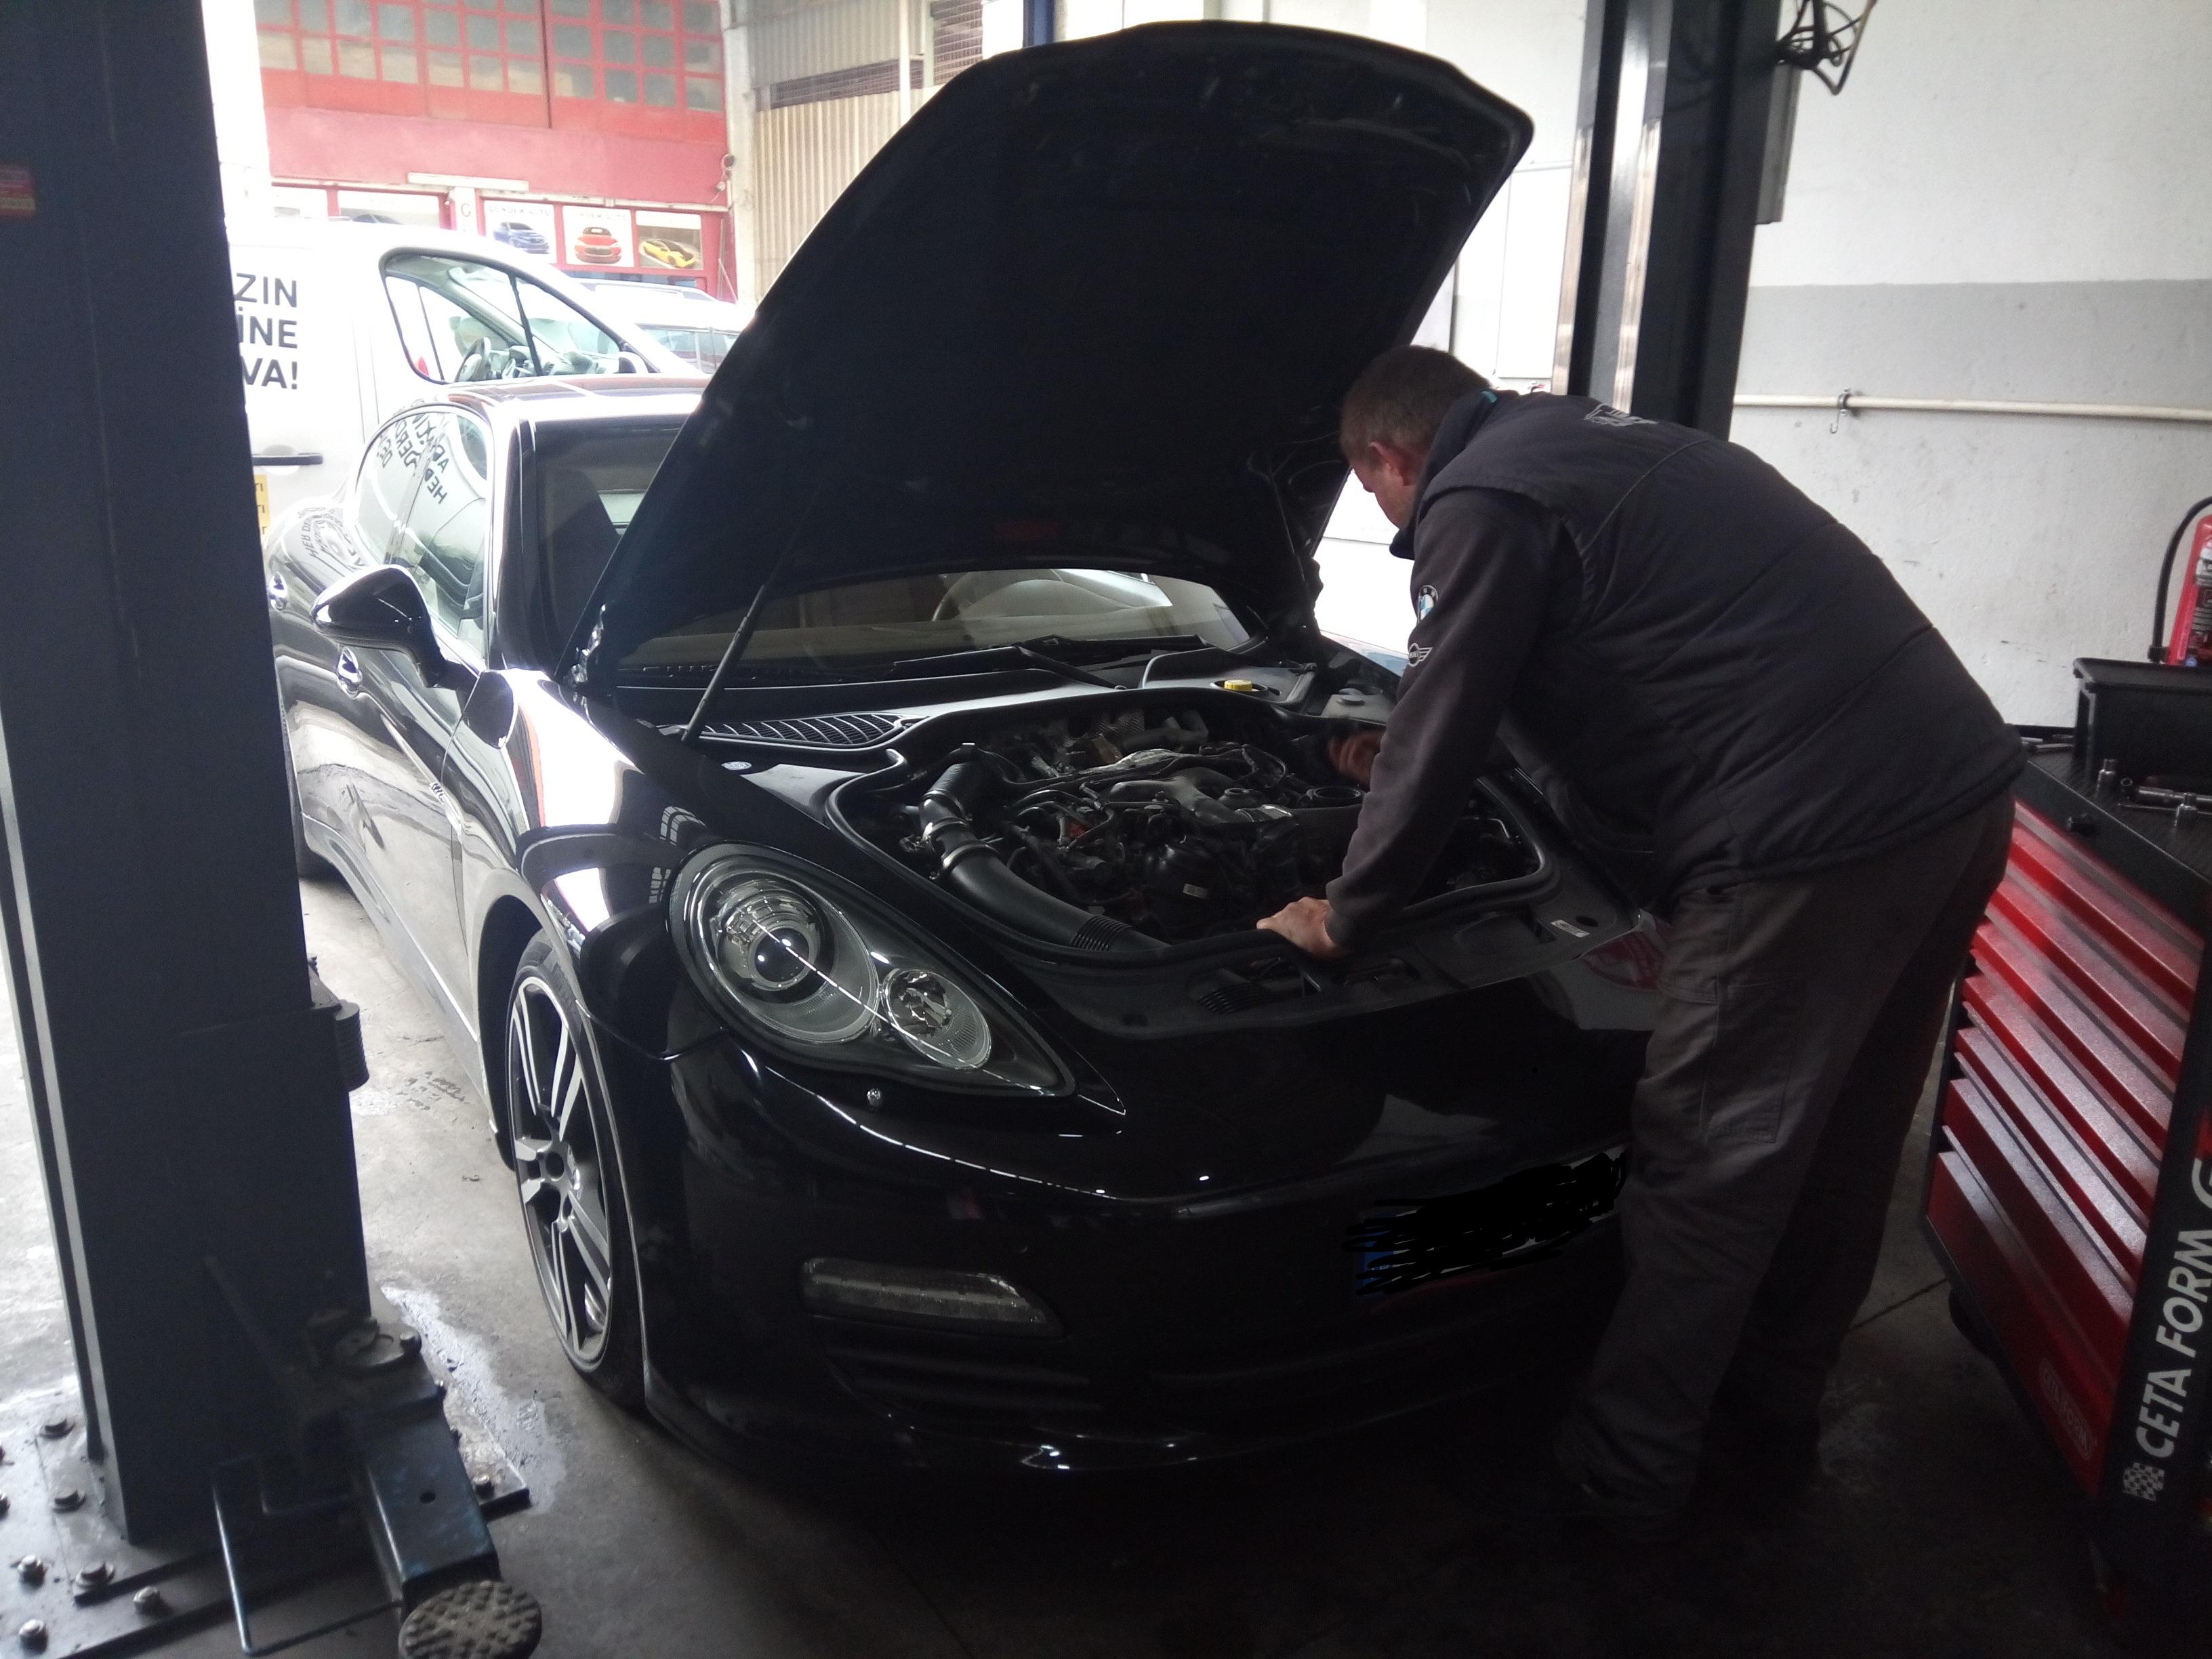 İzmir Porsche Panamera Fren ve Disk, Fren Sistemleri, Hidrolik Değişimi, Disk ve Balata Ayar ve Değişimi